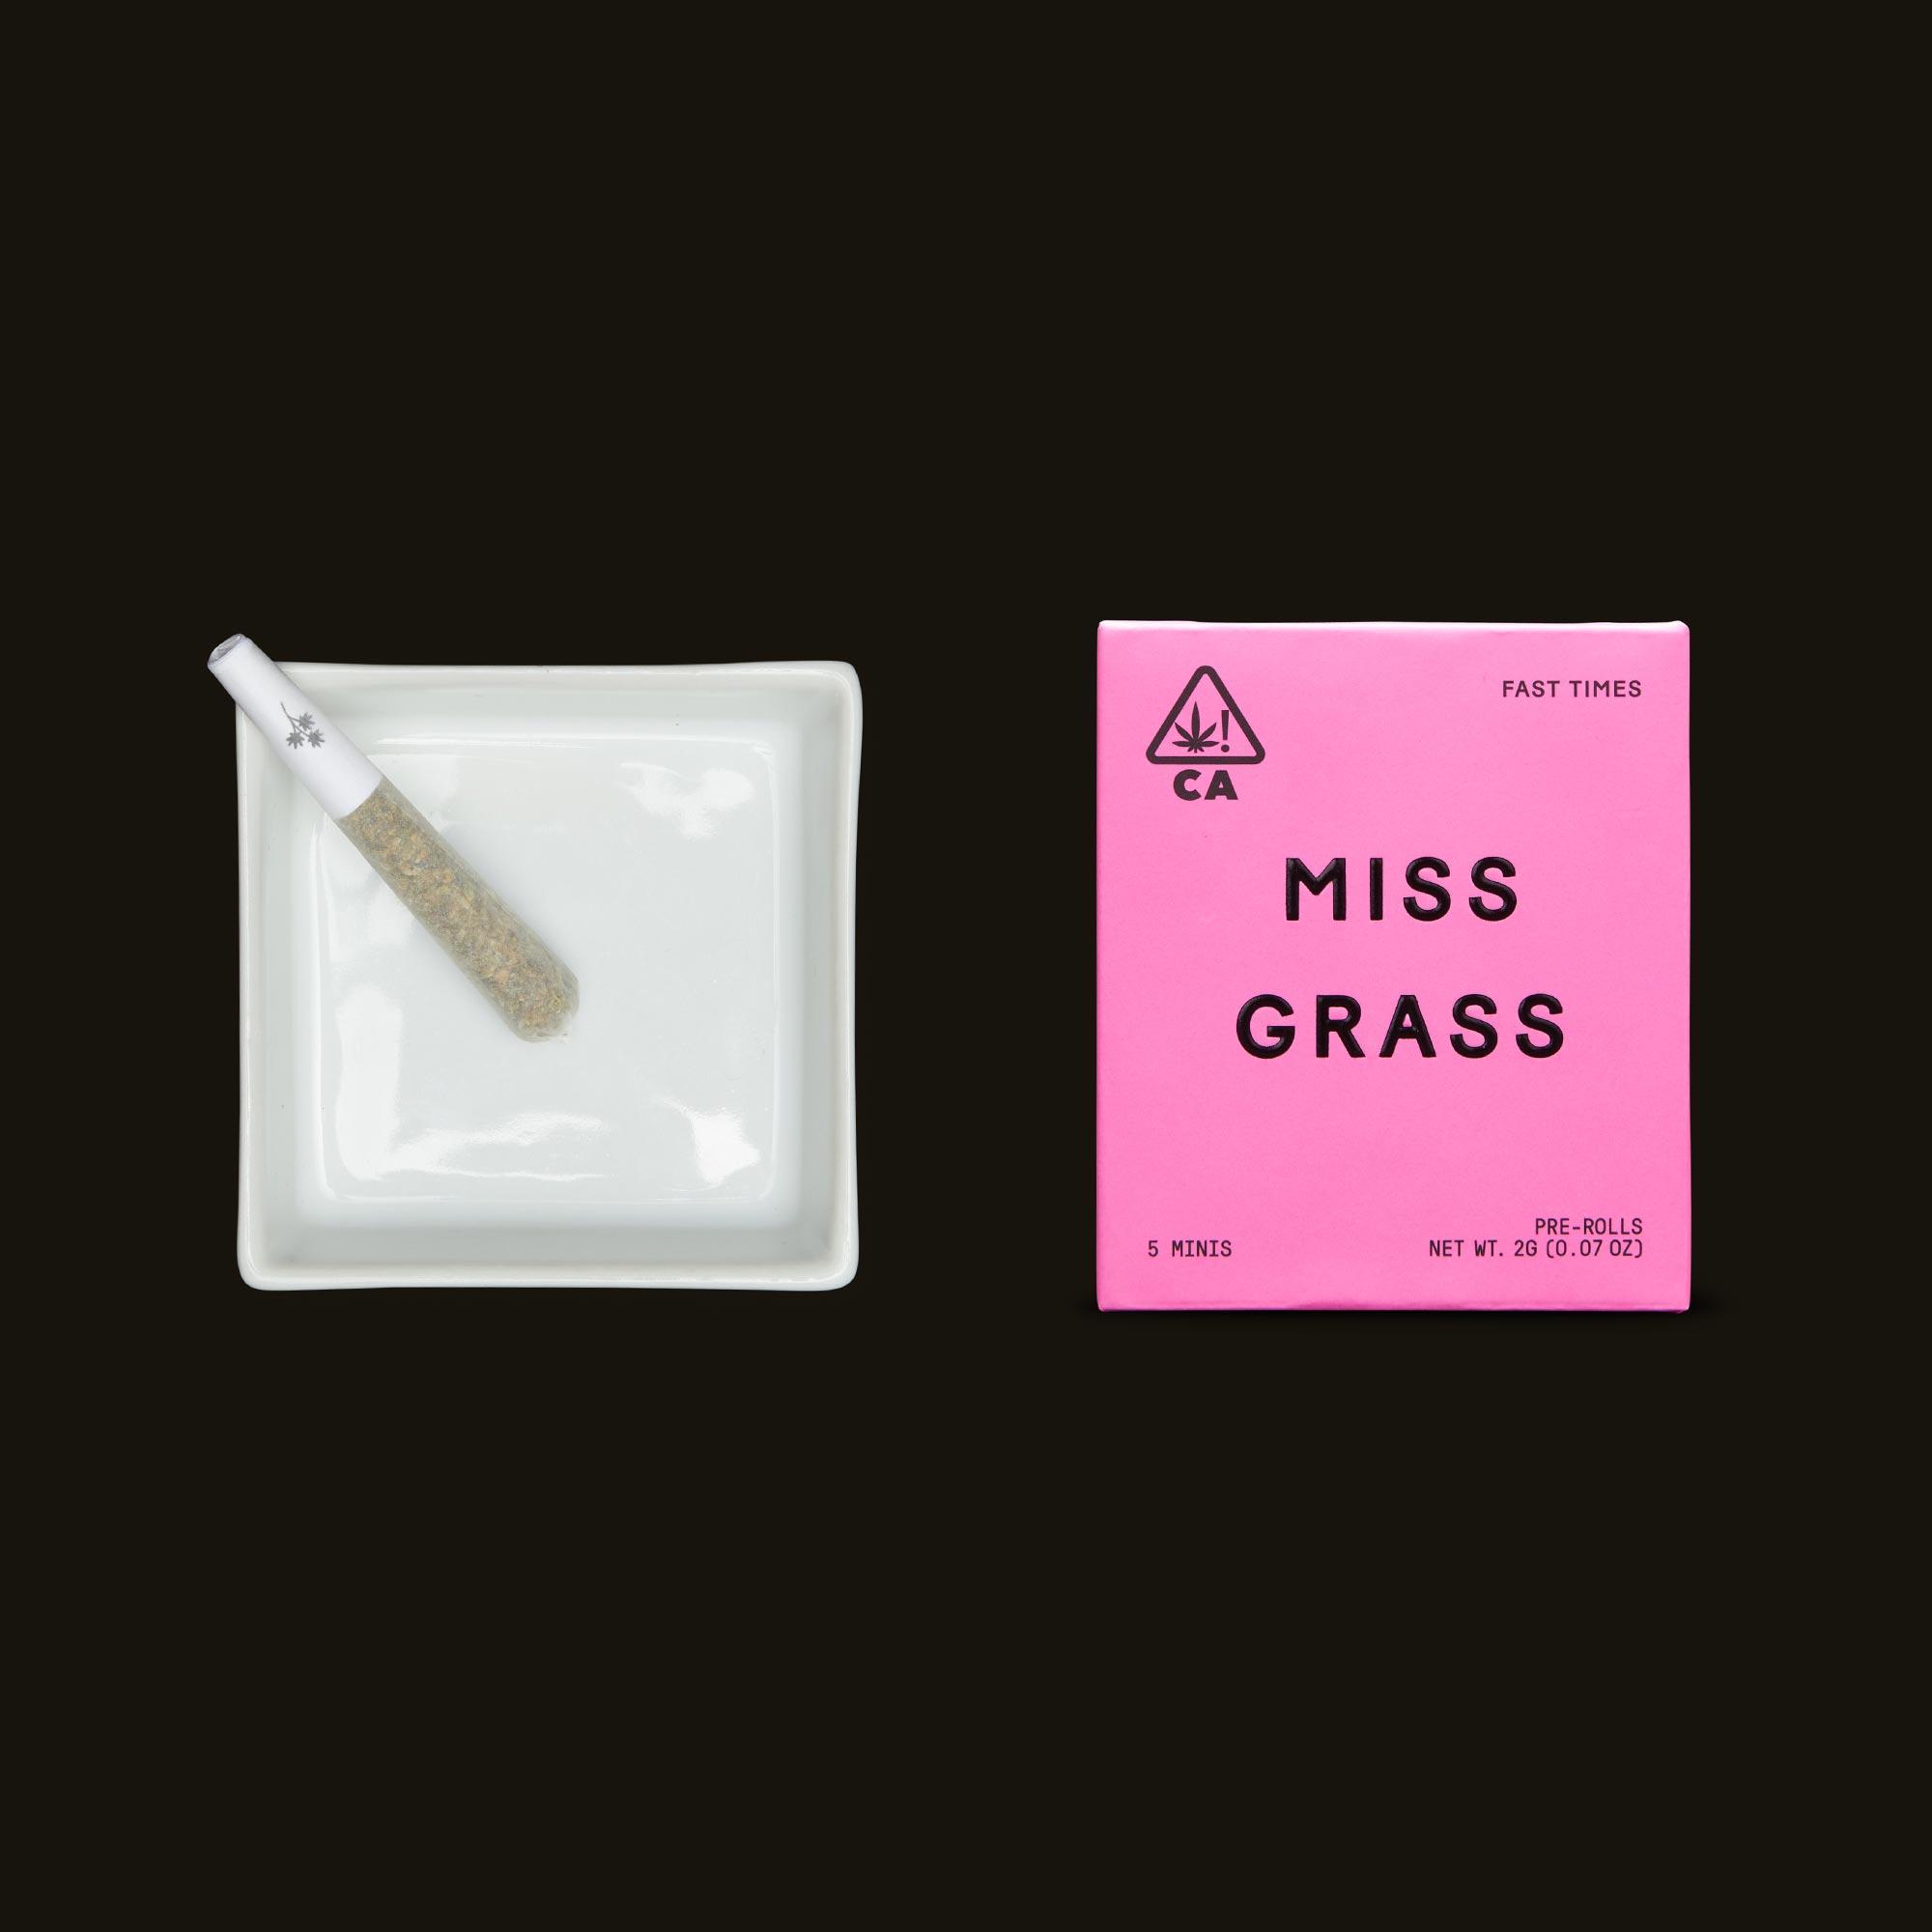 Miss Grass Fast Times